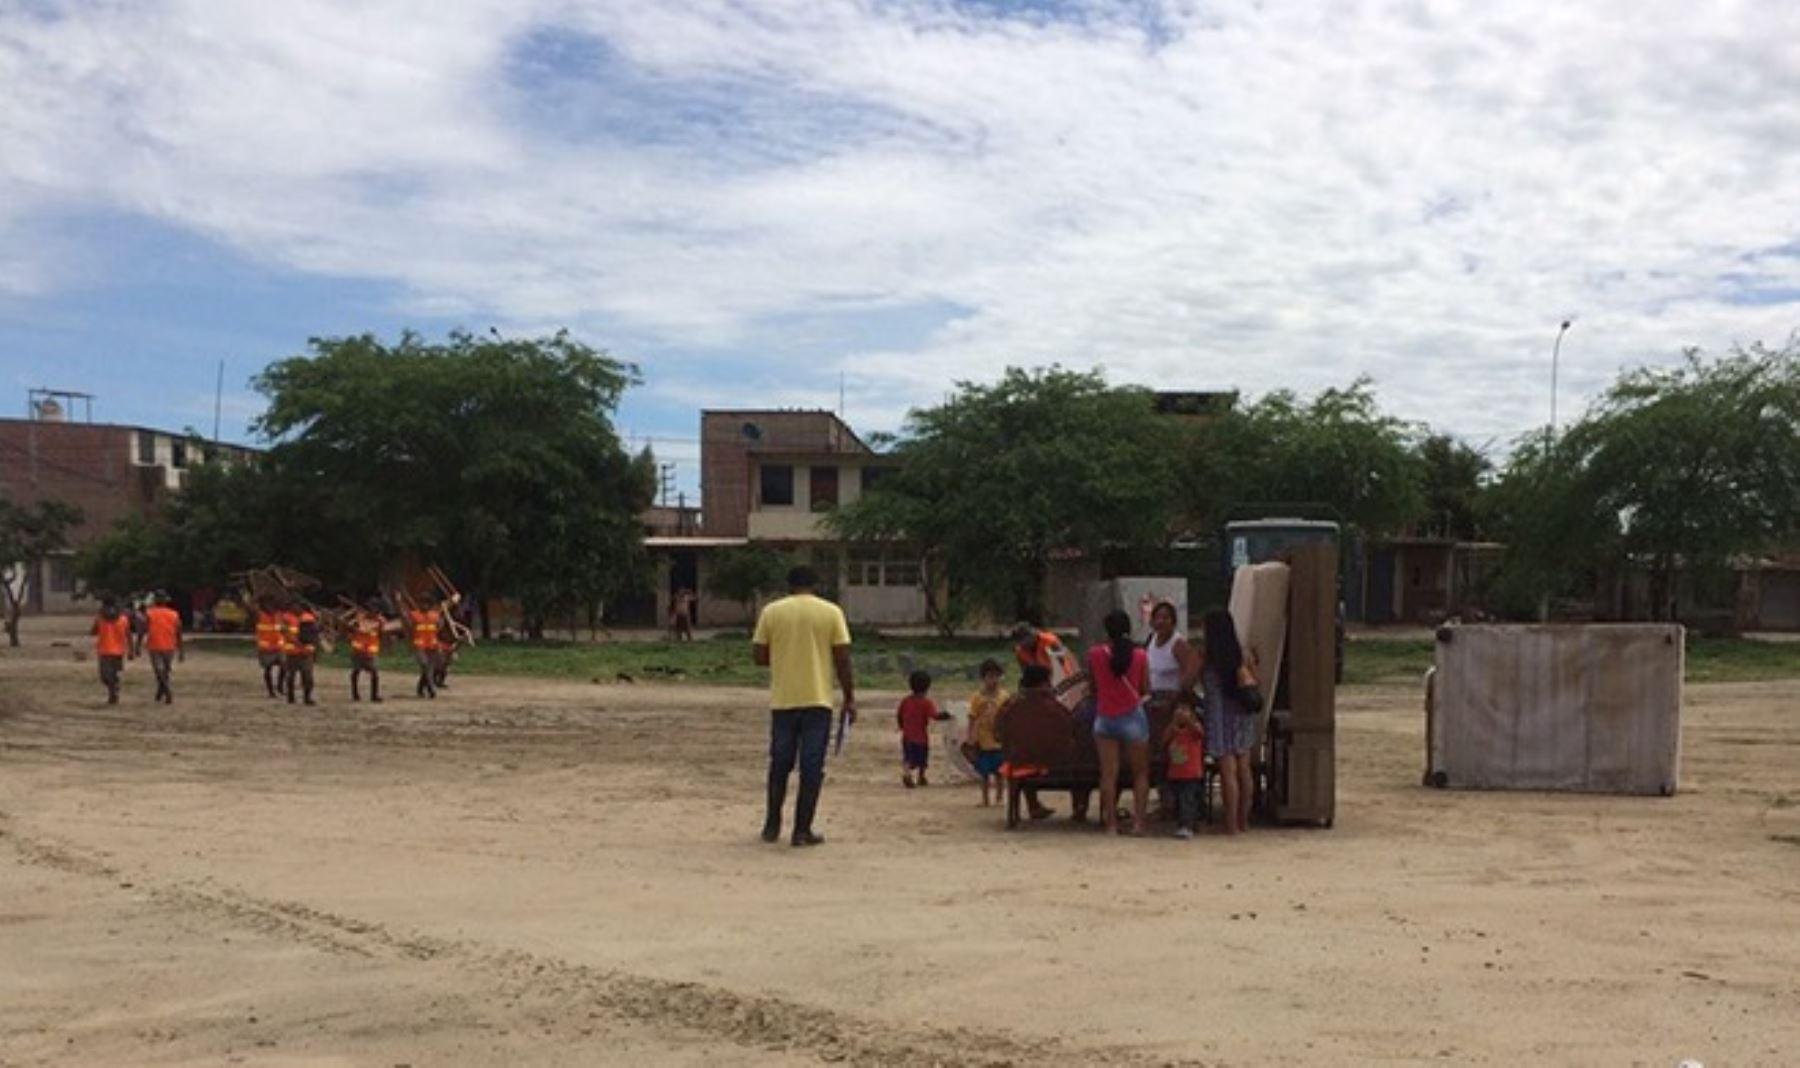 Soldados del Agrupamiento de Artillería Inclán, del Ejército peruano, participaron en la evacuación de decenas de damnificados de zonas afectadas por las inundaciones provocadas por las persistentes lluvias.